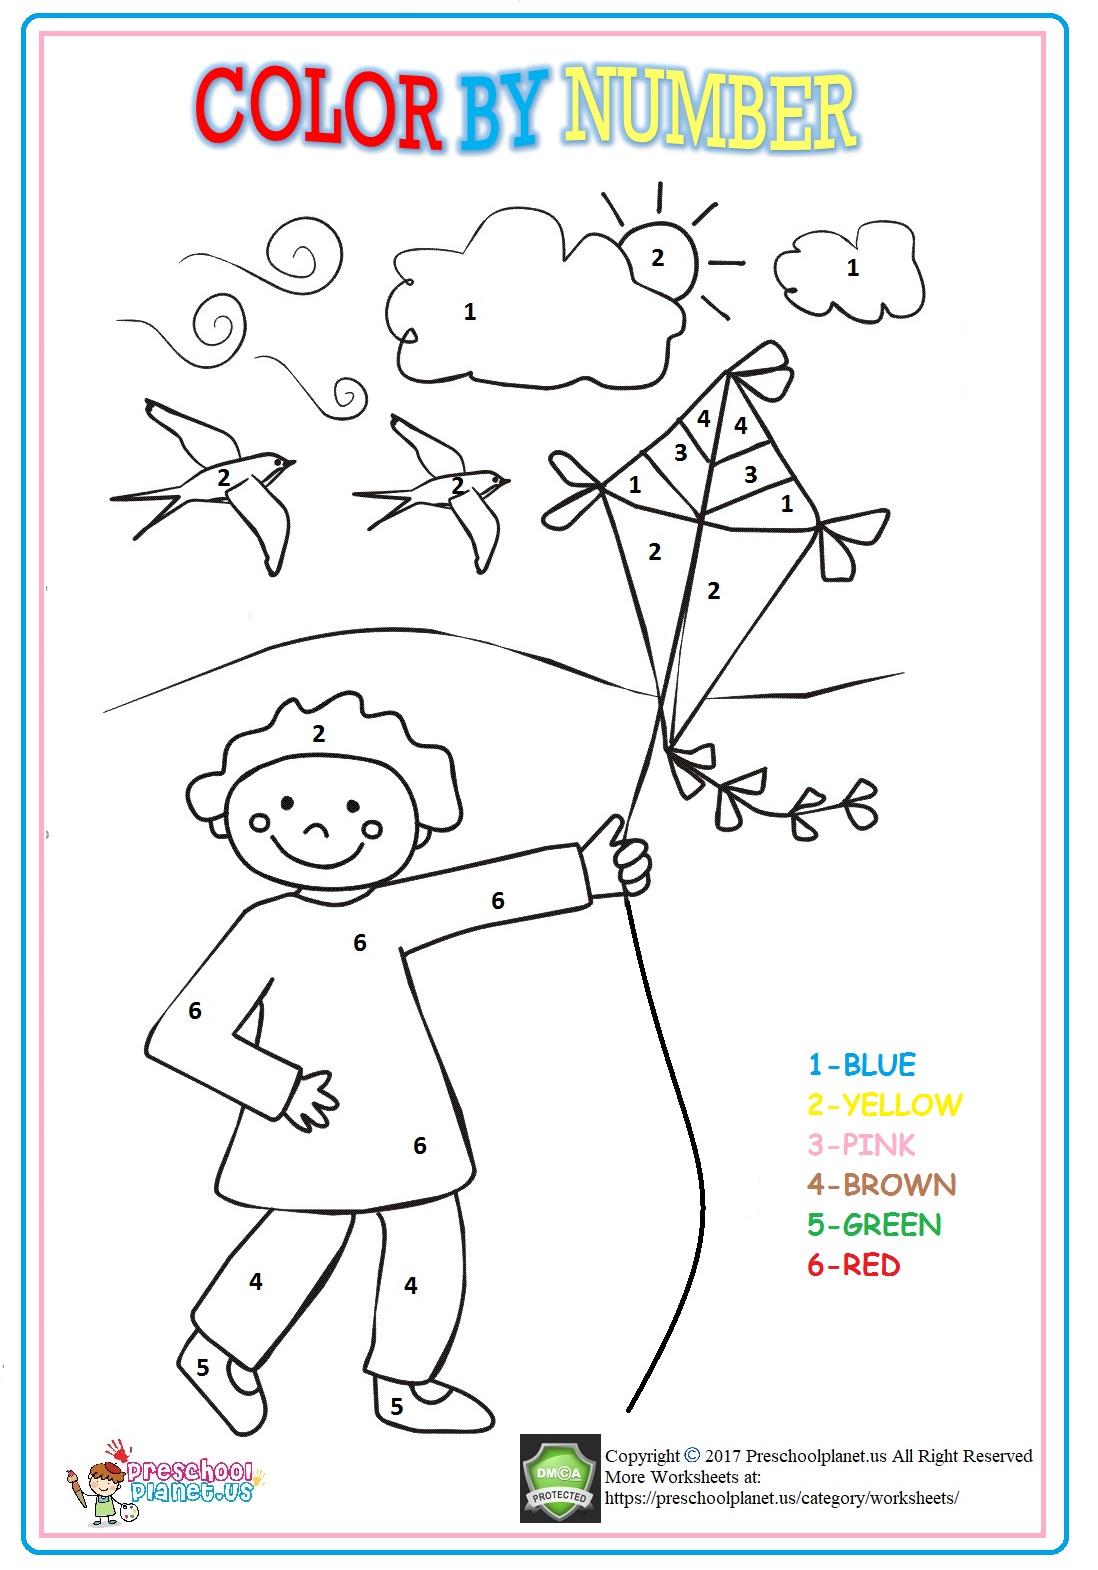 Free printable color by number spring worksheet